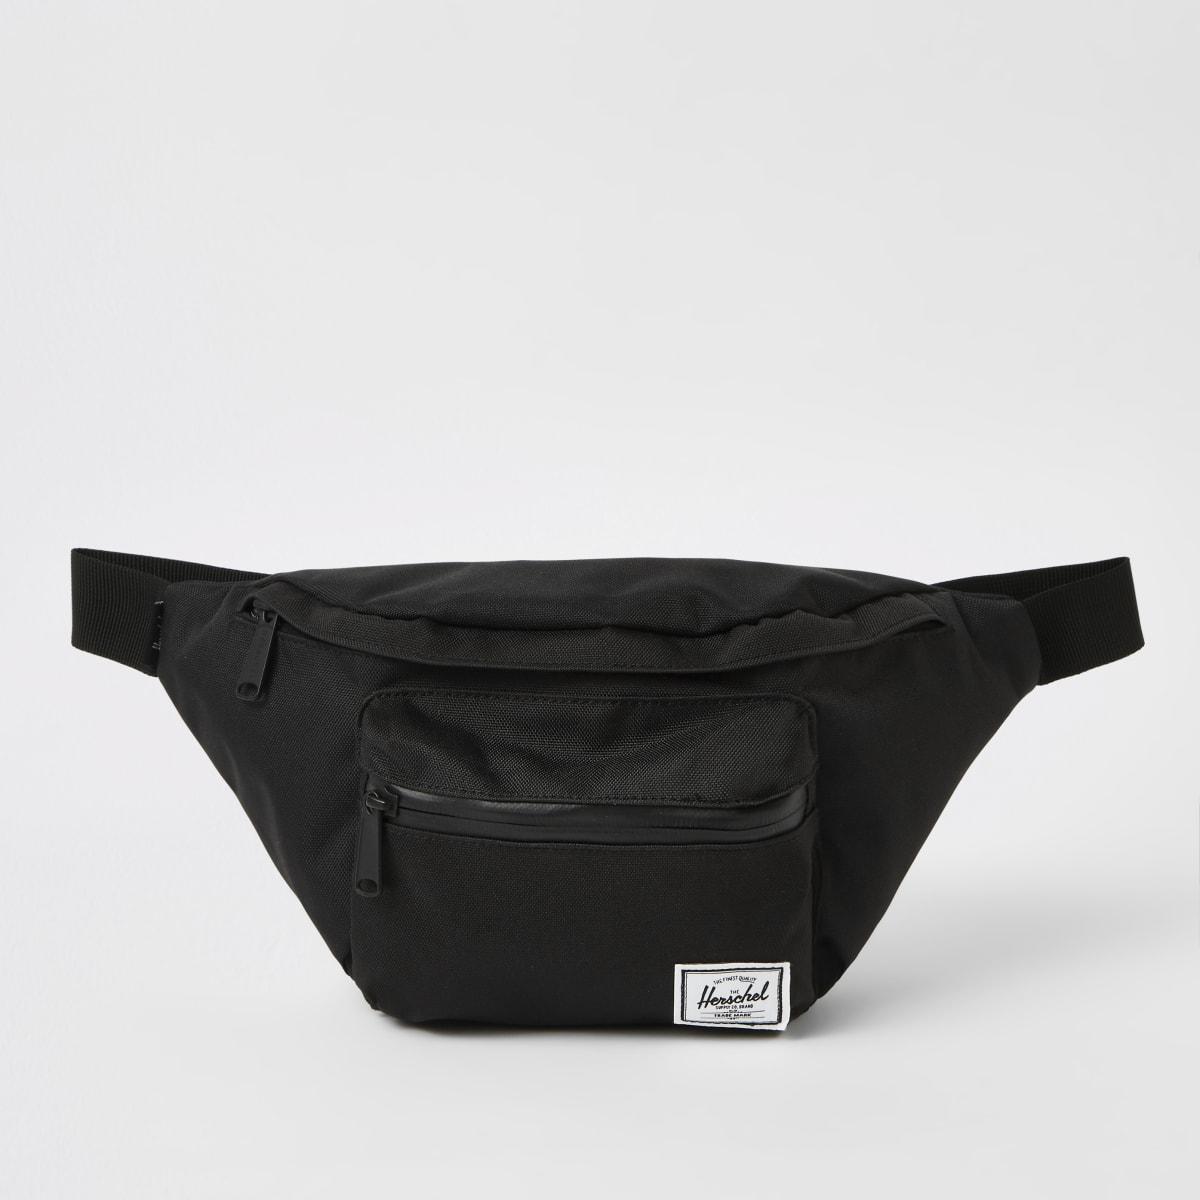 Herschel black Seventeen cross body bag